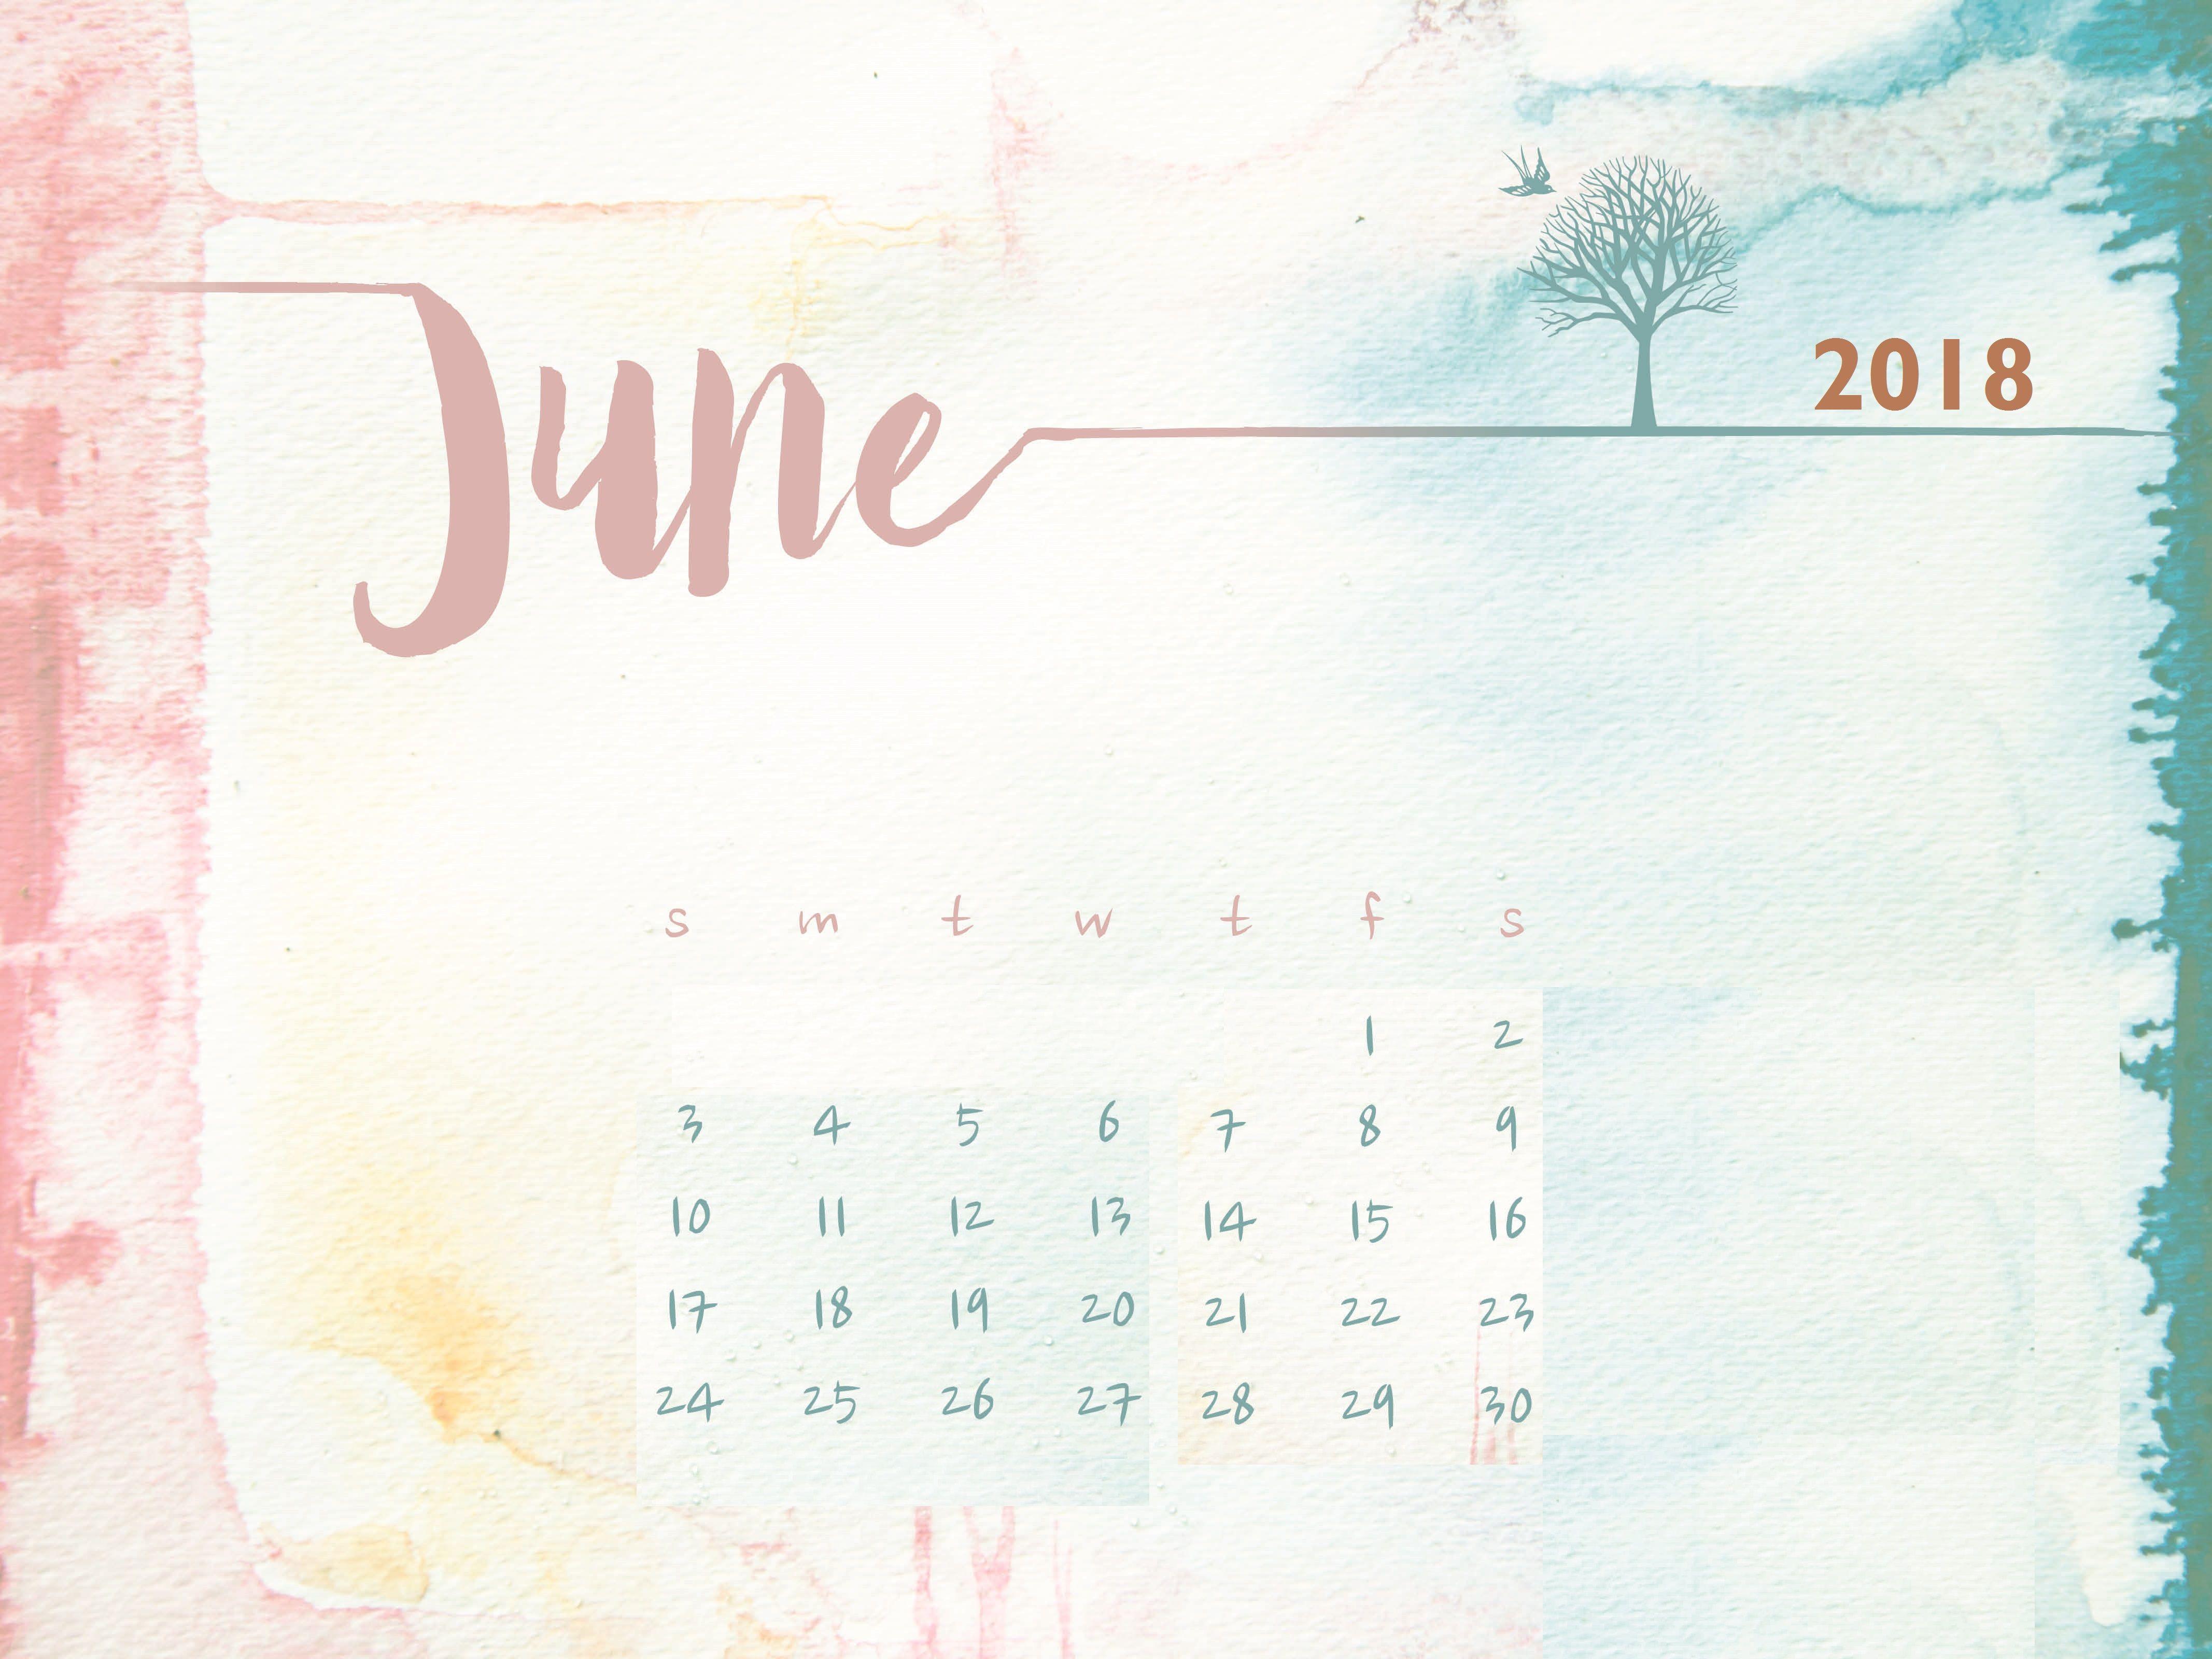 Watercolor June 2018 Desktop Calendar Desktop Calendar Watercolor Desktop Wallpaper Calendar Wallpaper